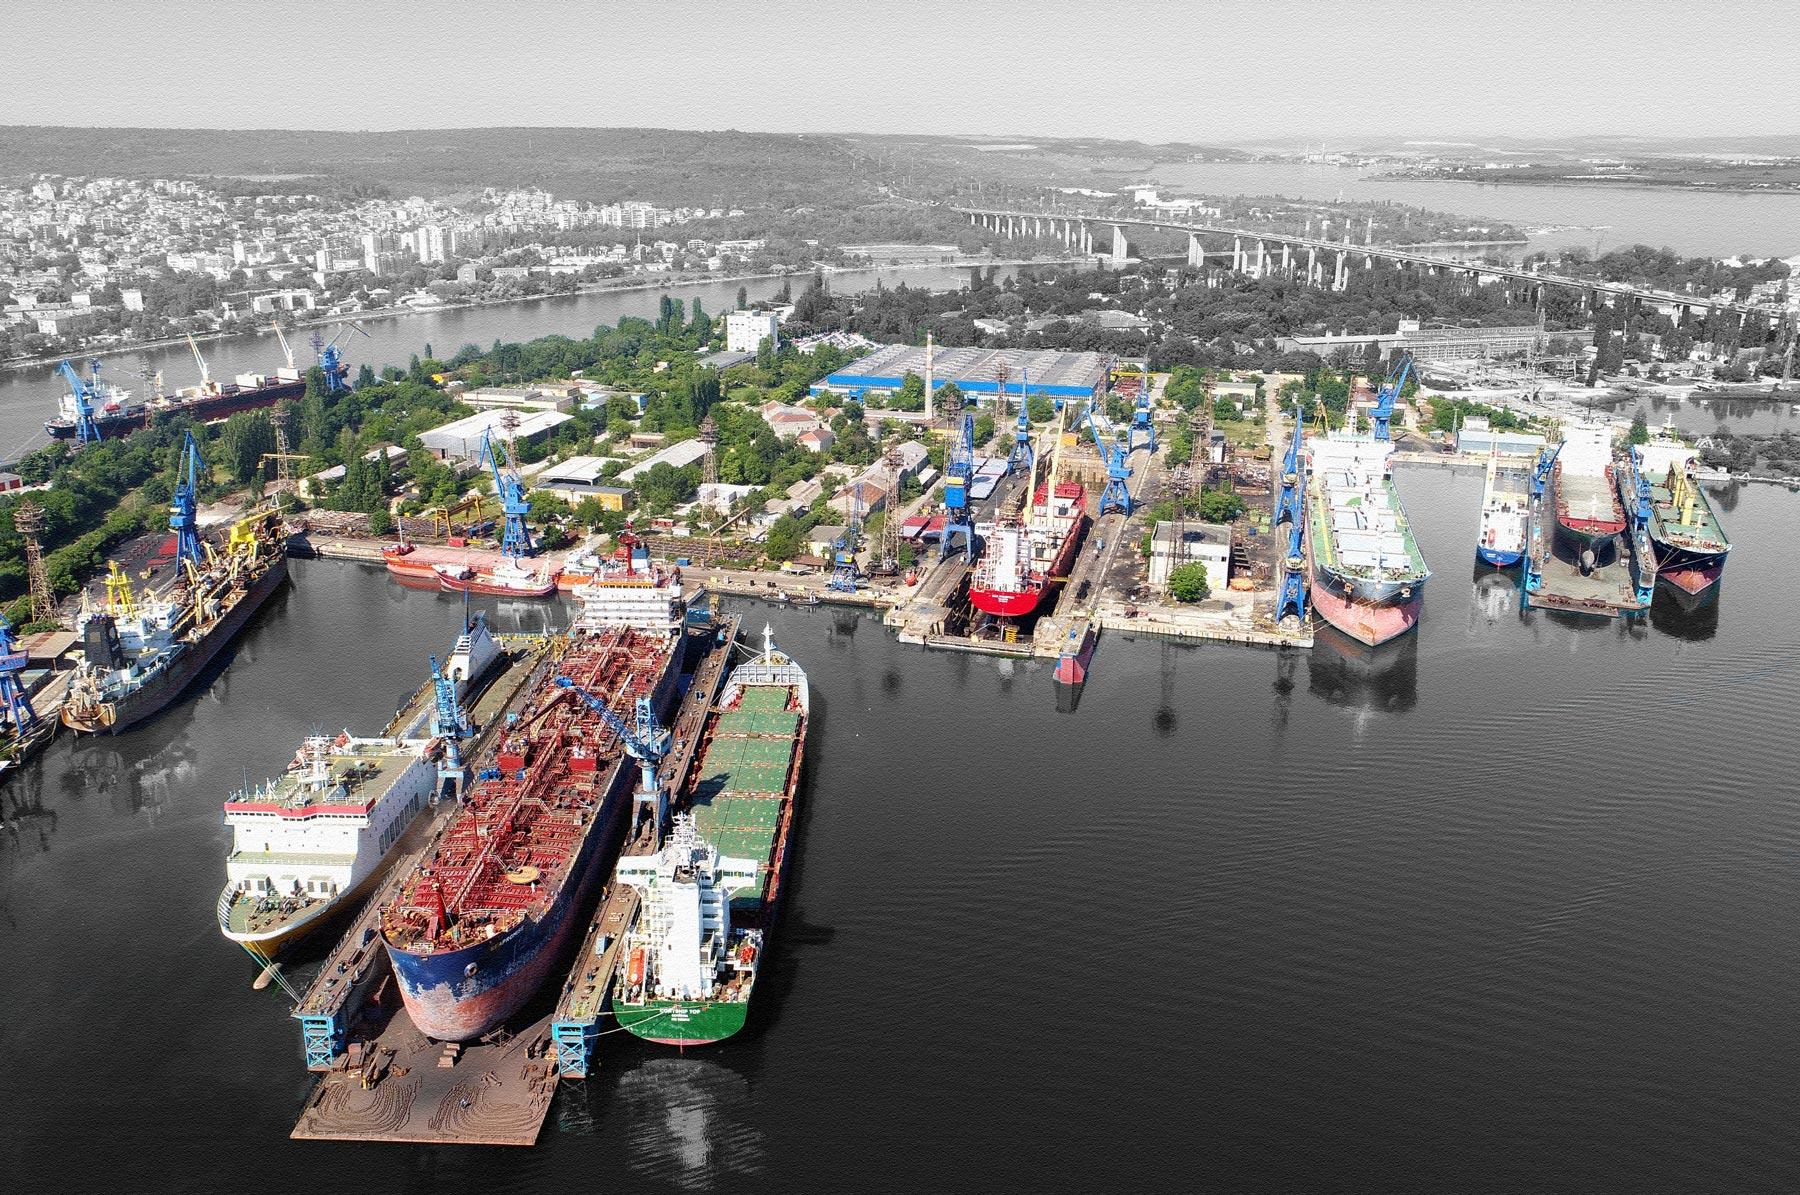 Odessos Shipyard